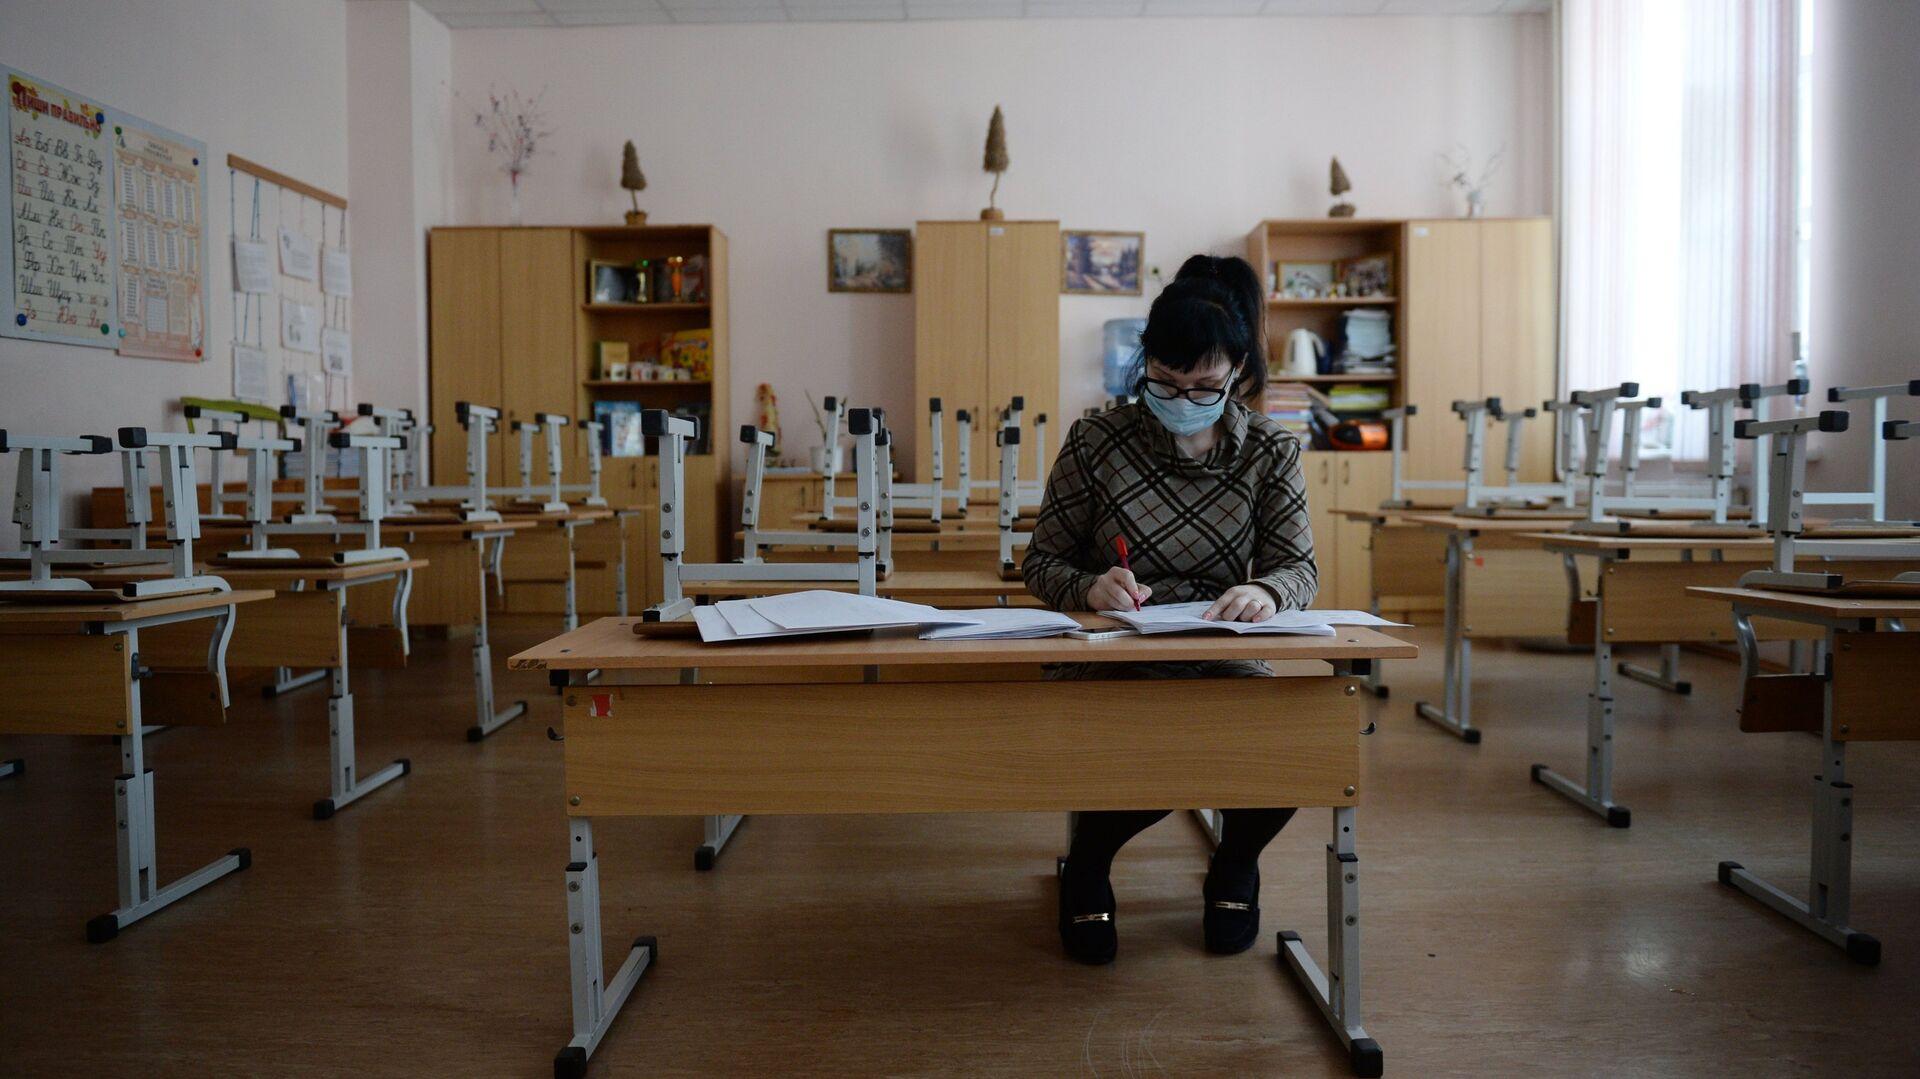 Учительница во время карантина в средней общеобразовательной школе - РИА Новости, 1920, 26.11.2020